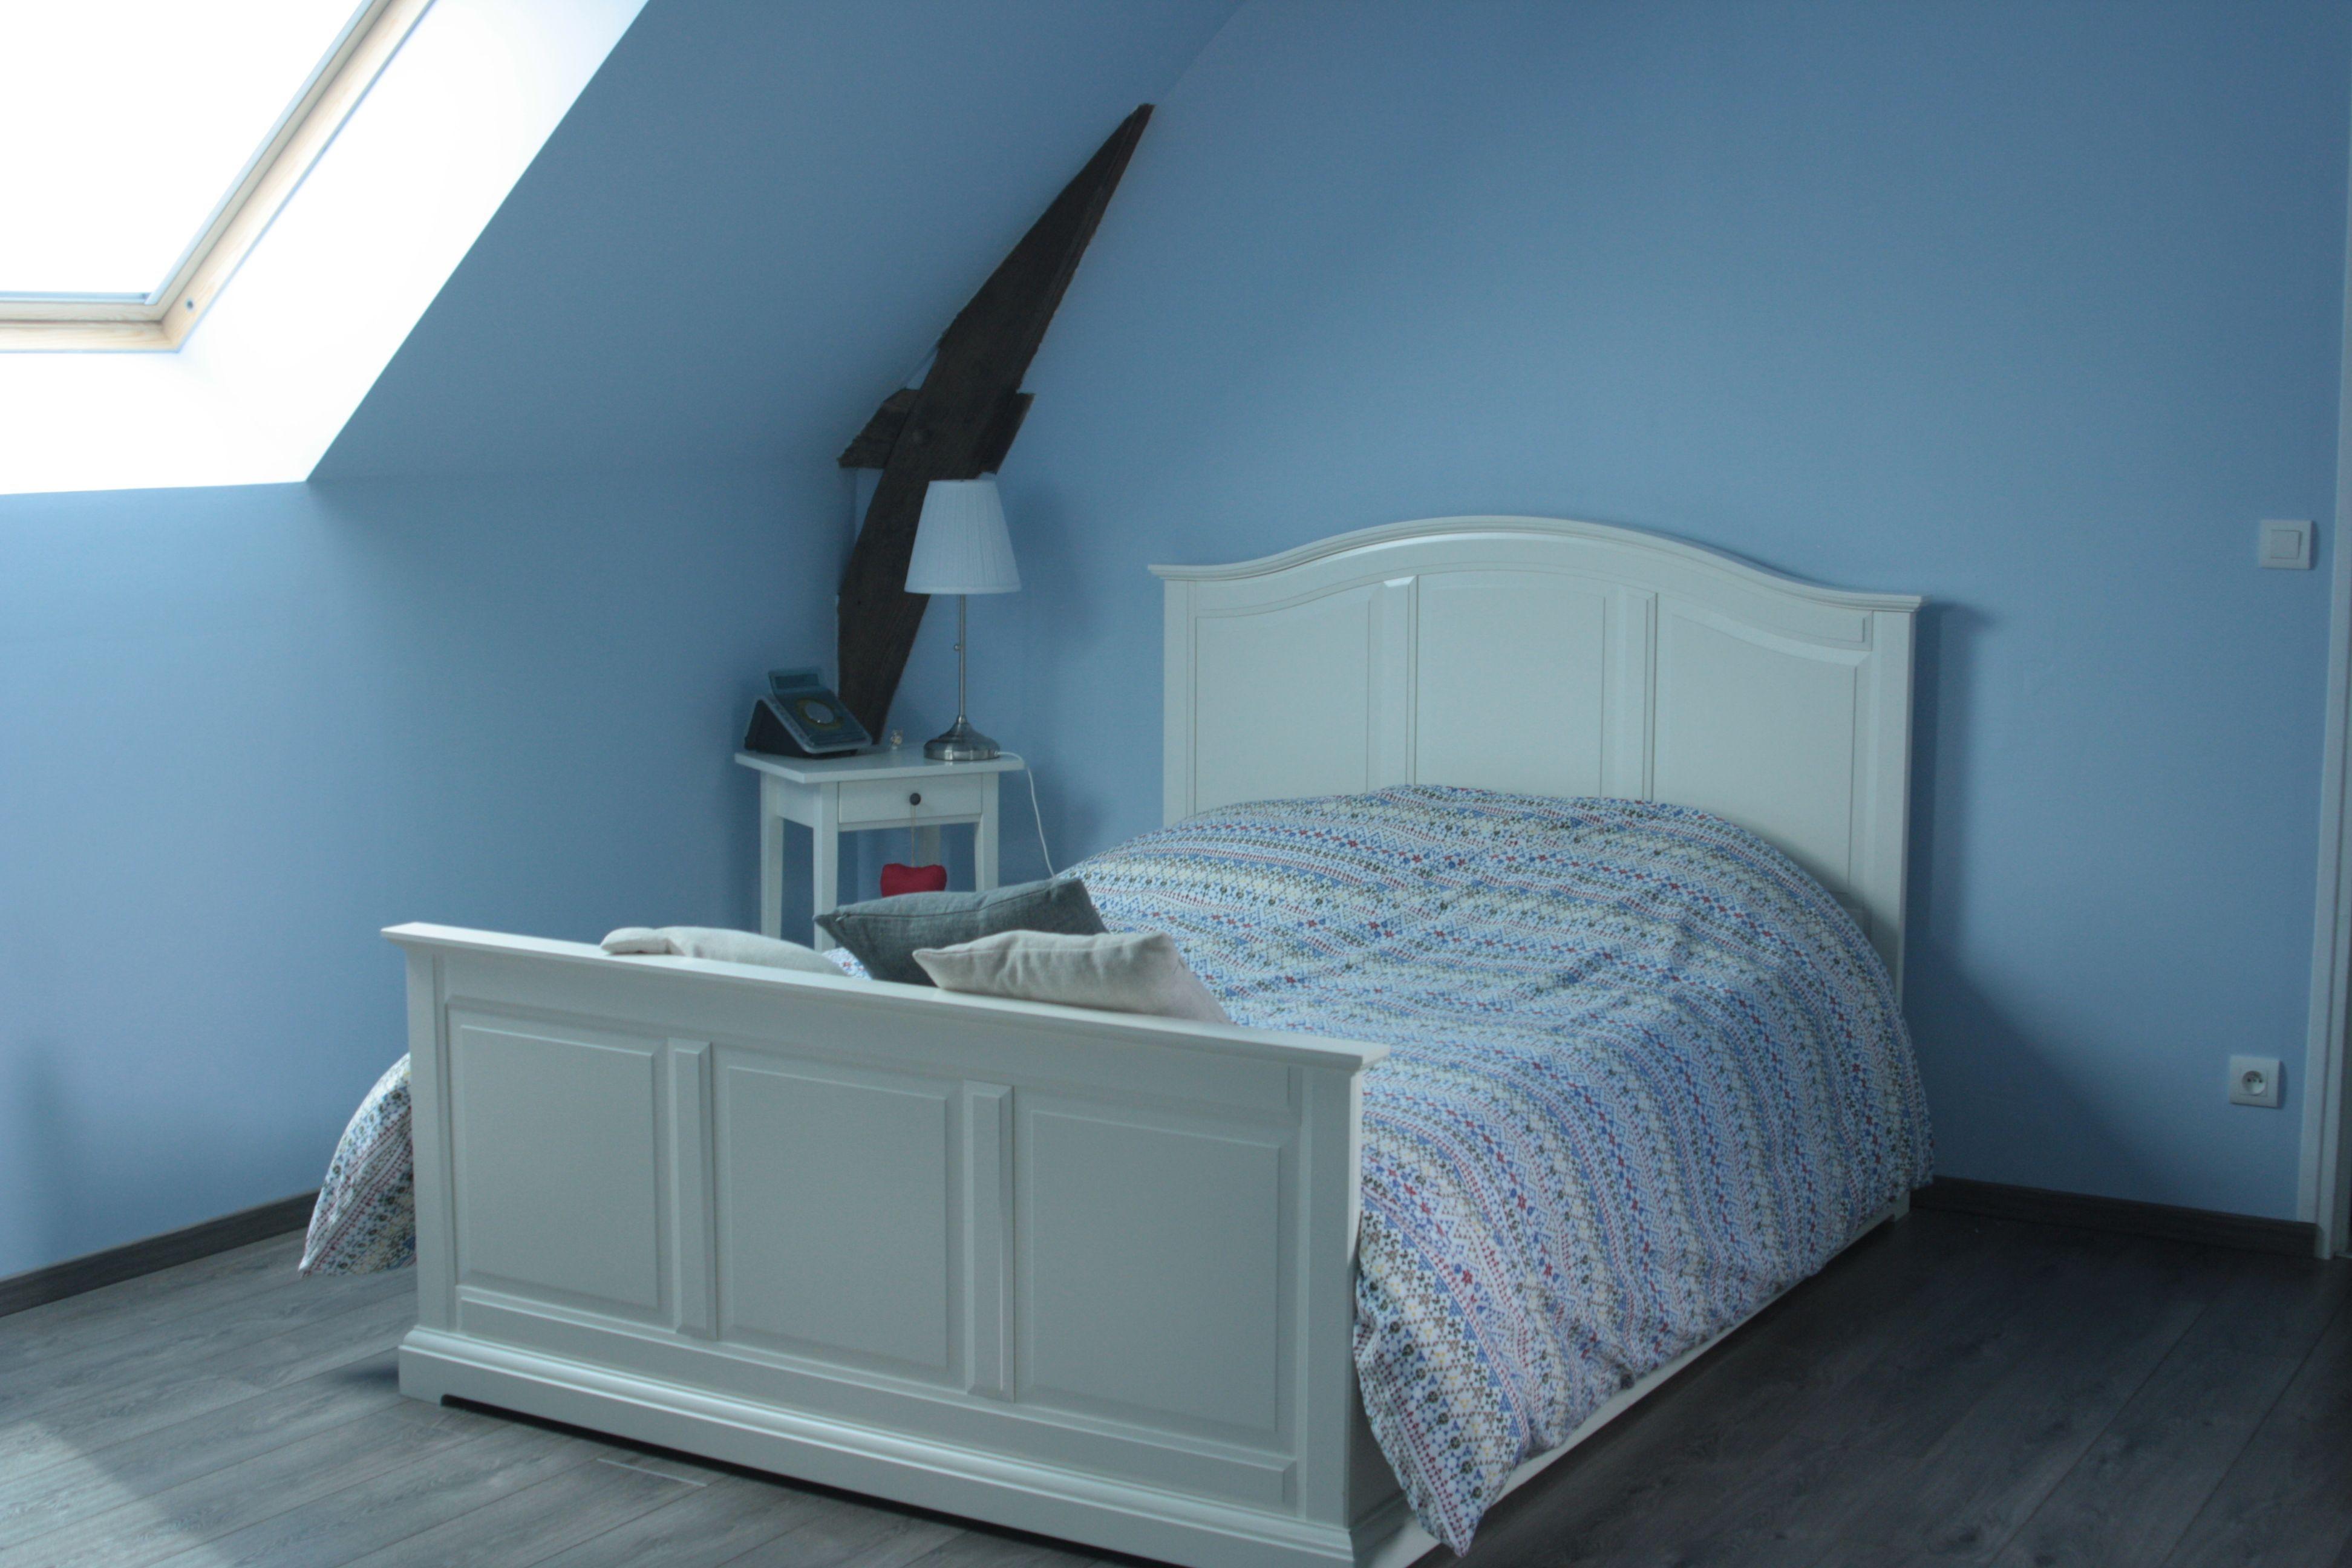 chambre bleue nuit chambre bleue nuit chambre bleue 1 nuit pour 2 personnes une chambre bleue. Black Bedroom Furniture Sets. Home Design Ideas